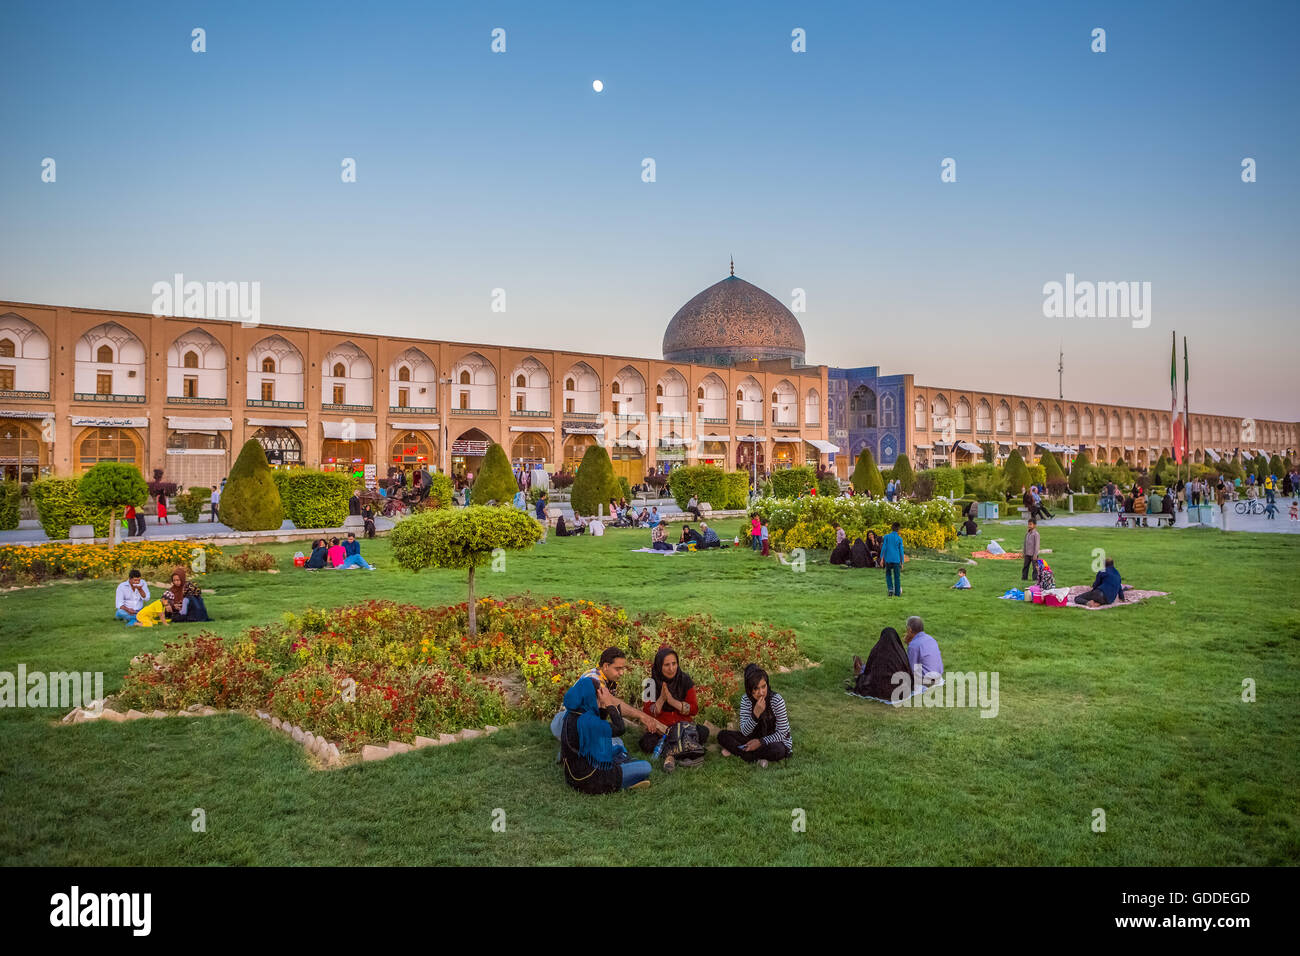 Iran,Esfahan City,Naqsh-e Jahan Square,Sheikh Lotfollah Dome - Stock Image